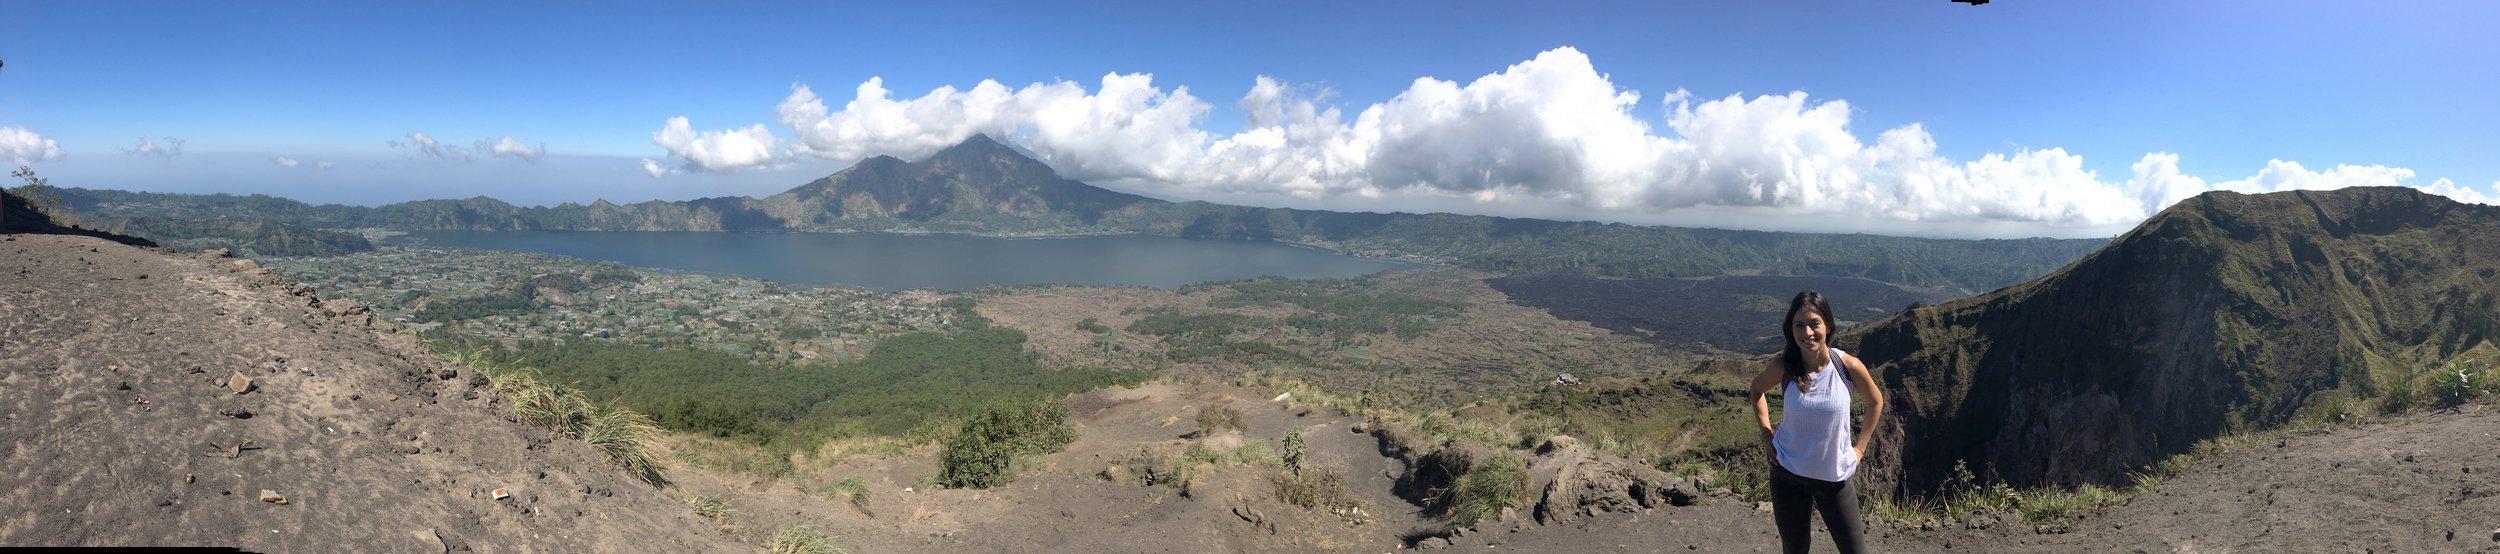 Mount Batur - volcano